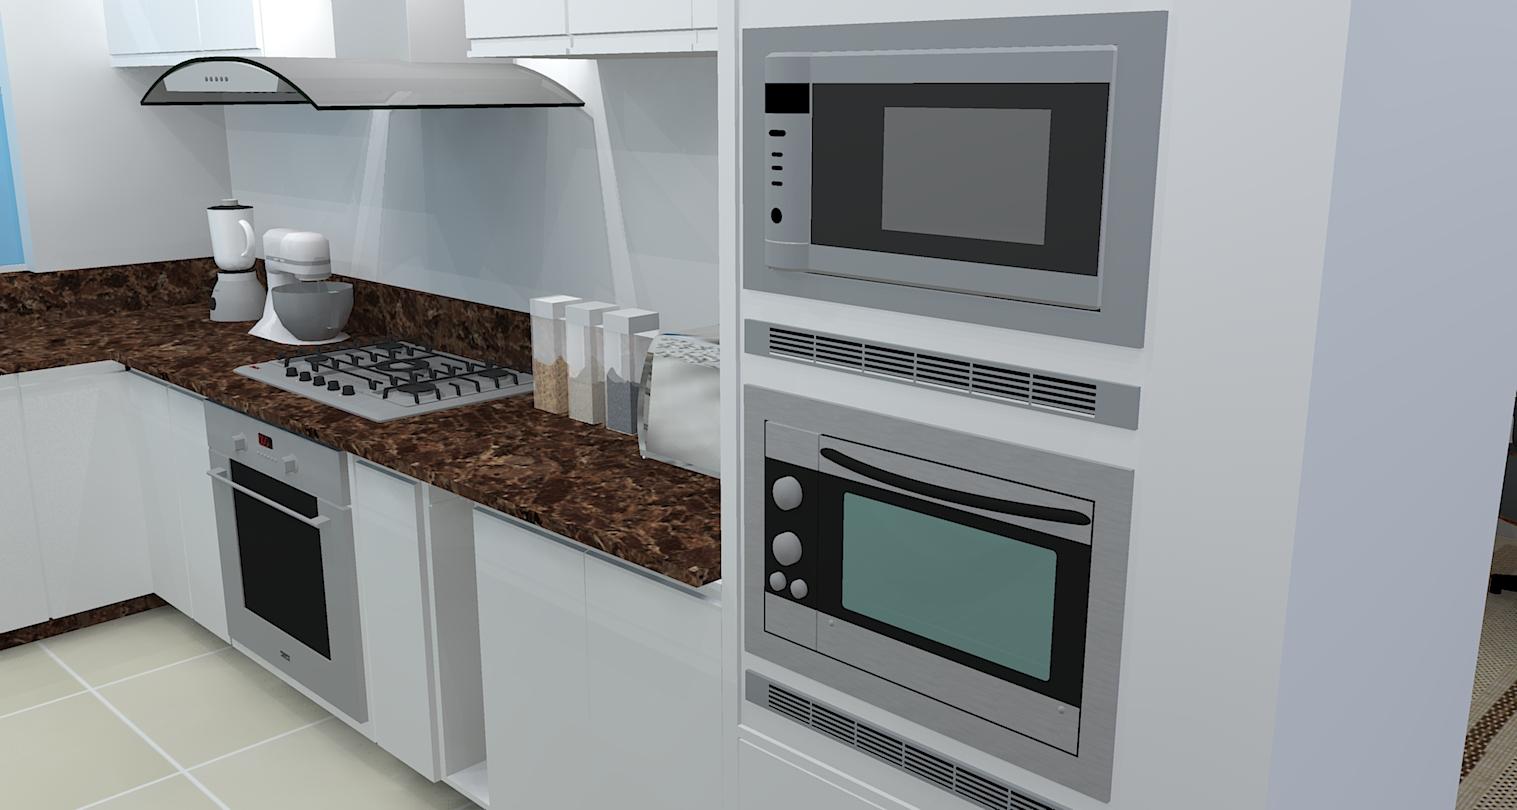 da cozinha e é fato a cozinha é sempre necessária então melhor tê  #5B4638 1517 810